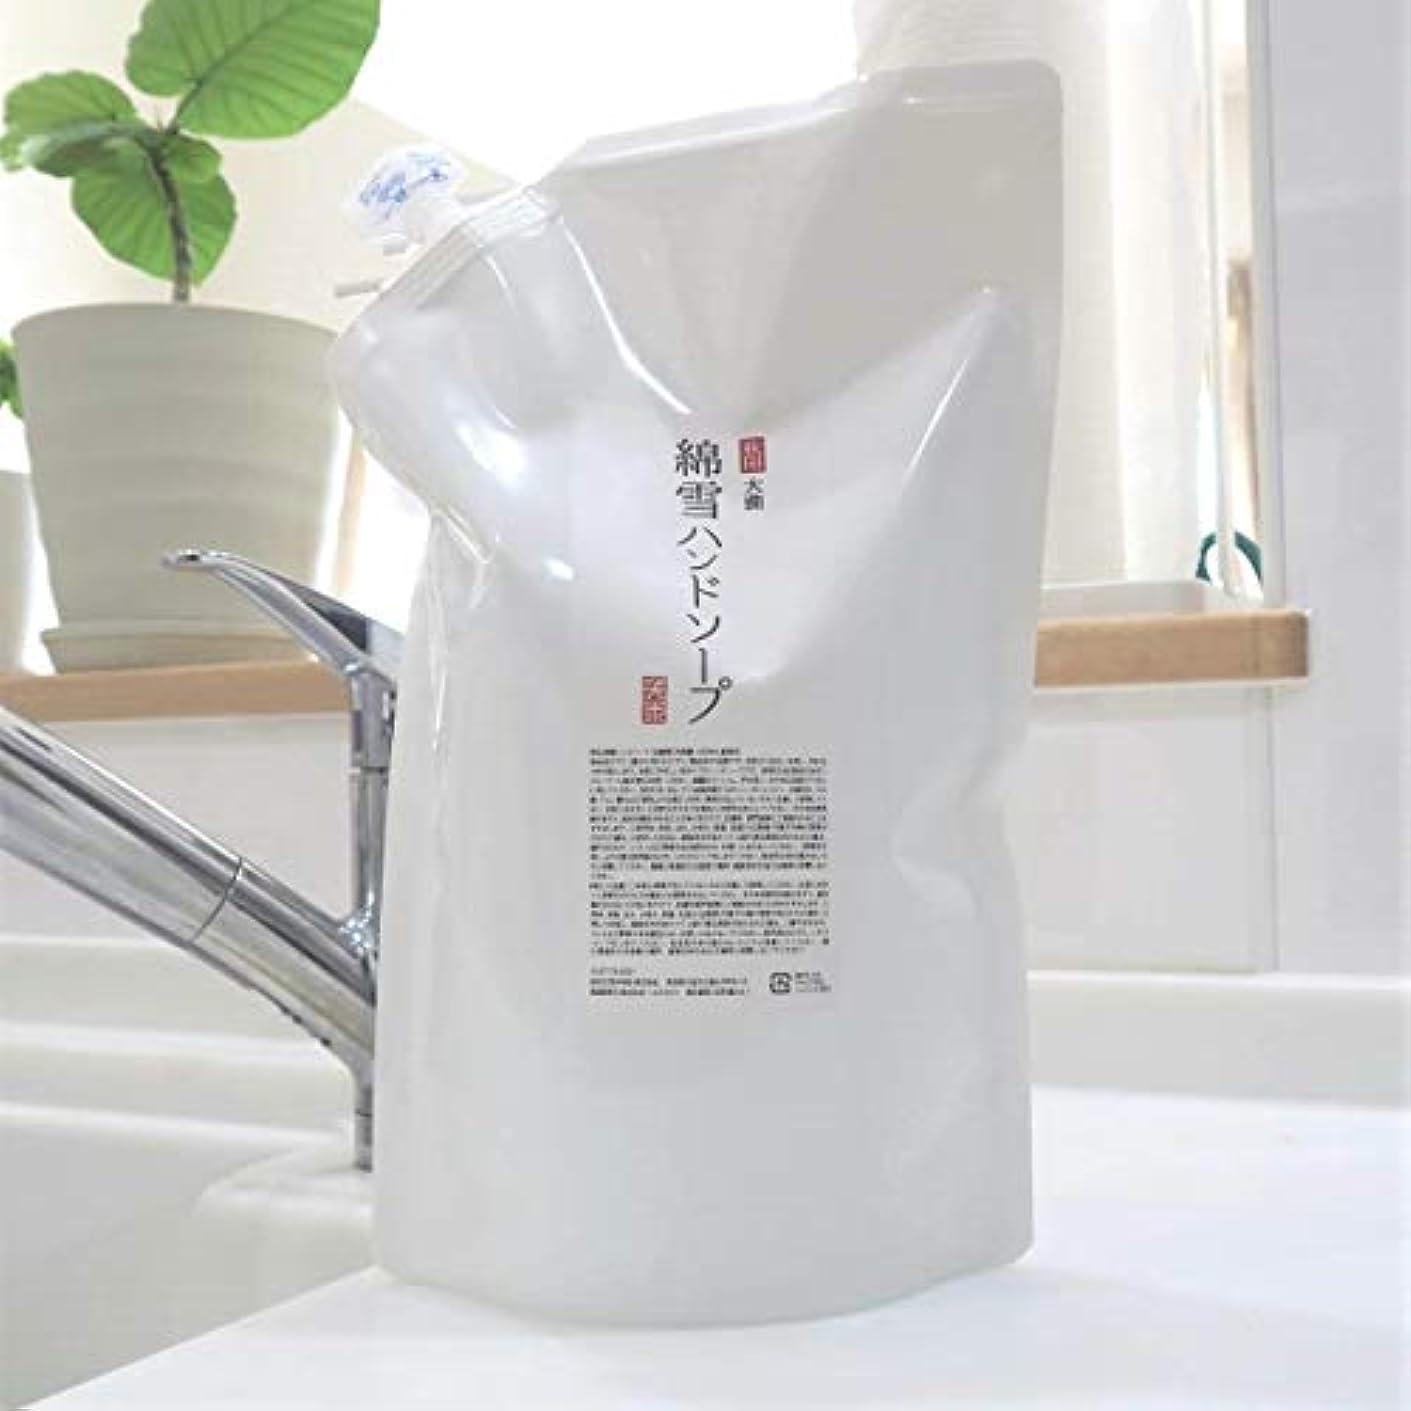 綿雪ハンドソープ 1.4L